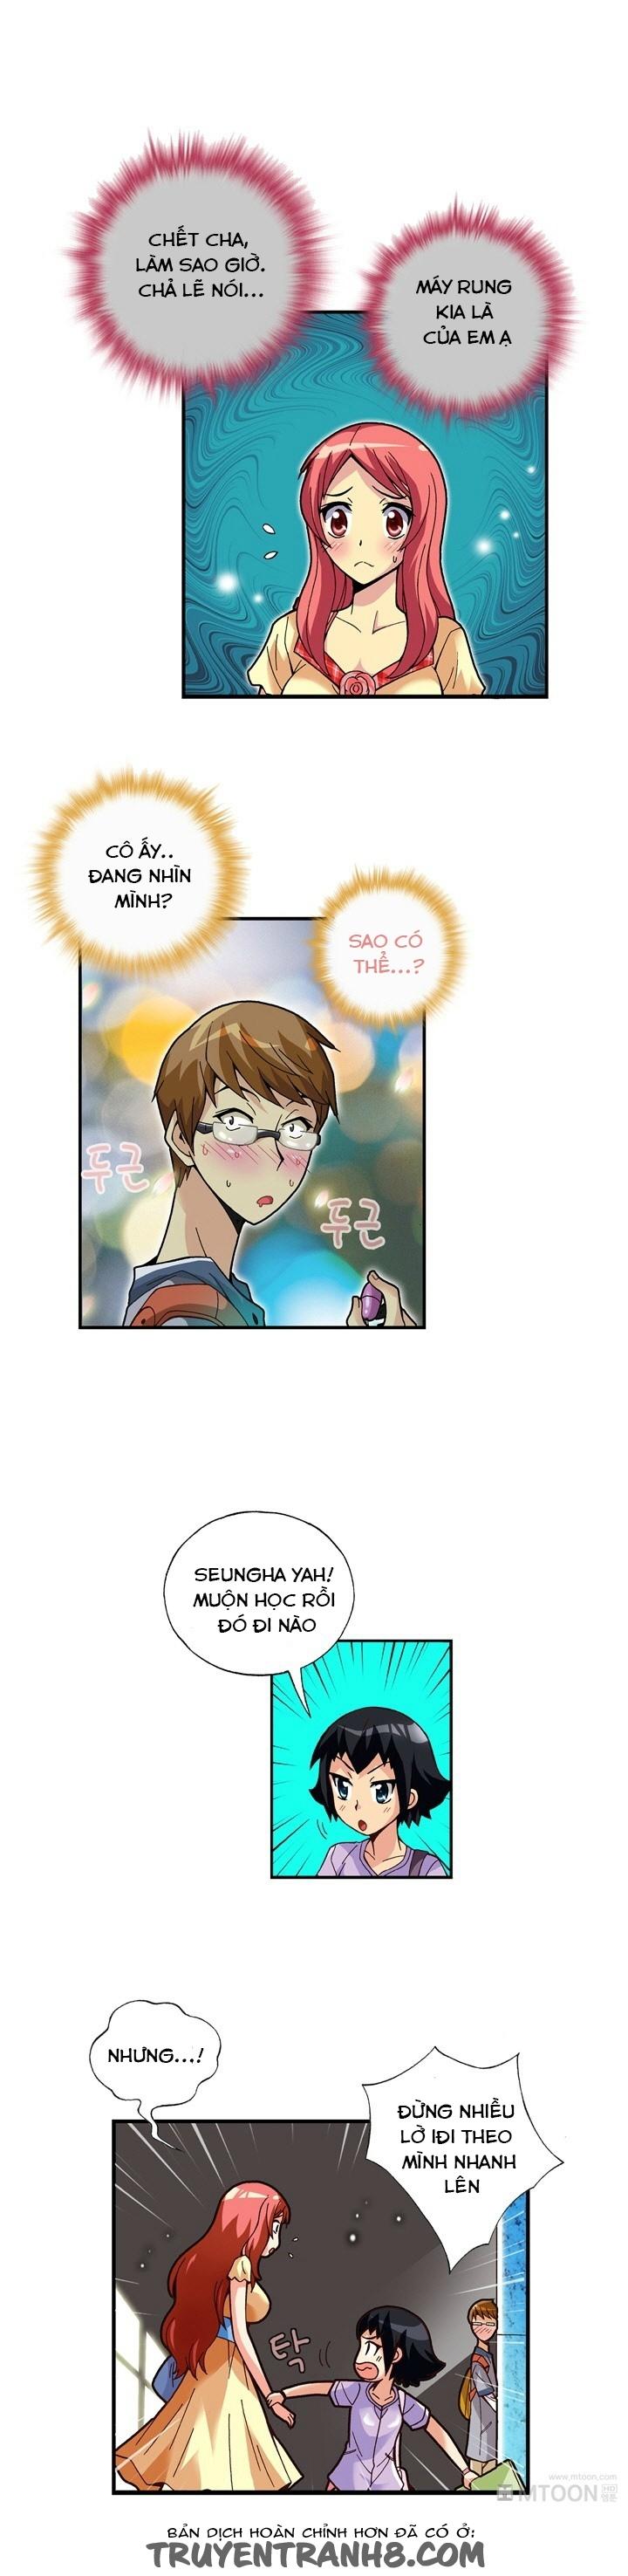 Hình ảnh 04 trong bài viết [Siêu phẩm] Hentai Màu Xin lỗi tớ thật dâm đãng